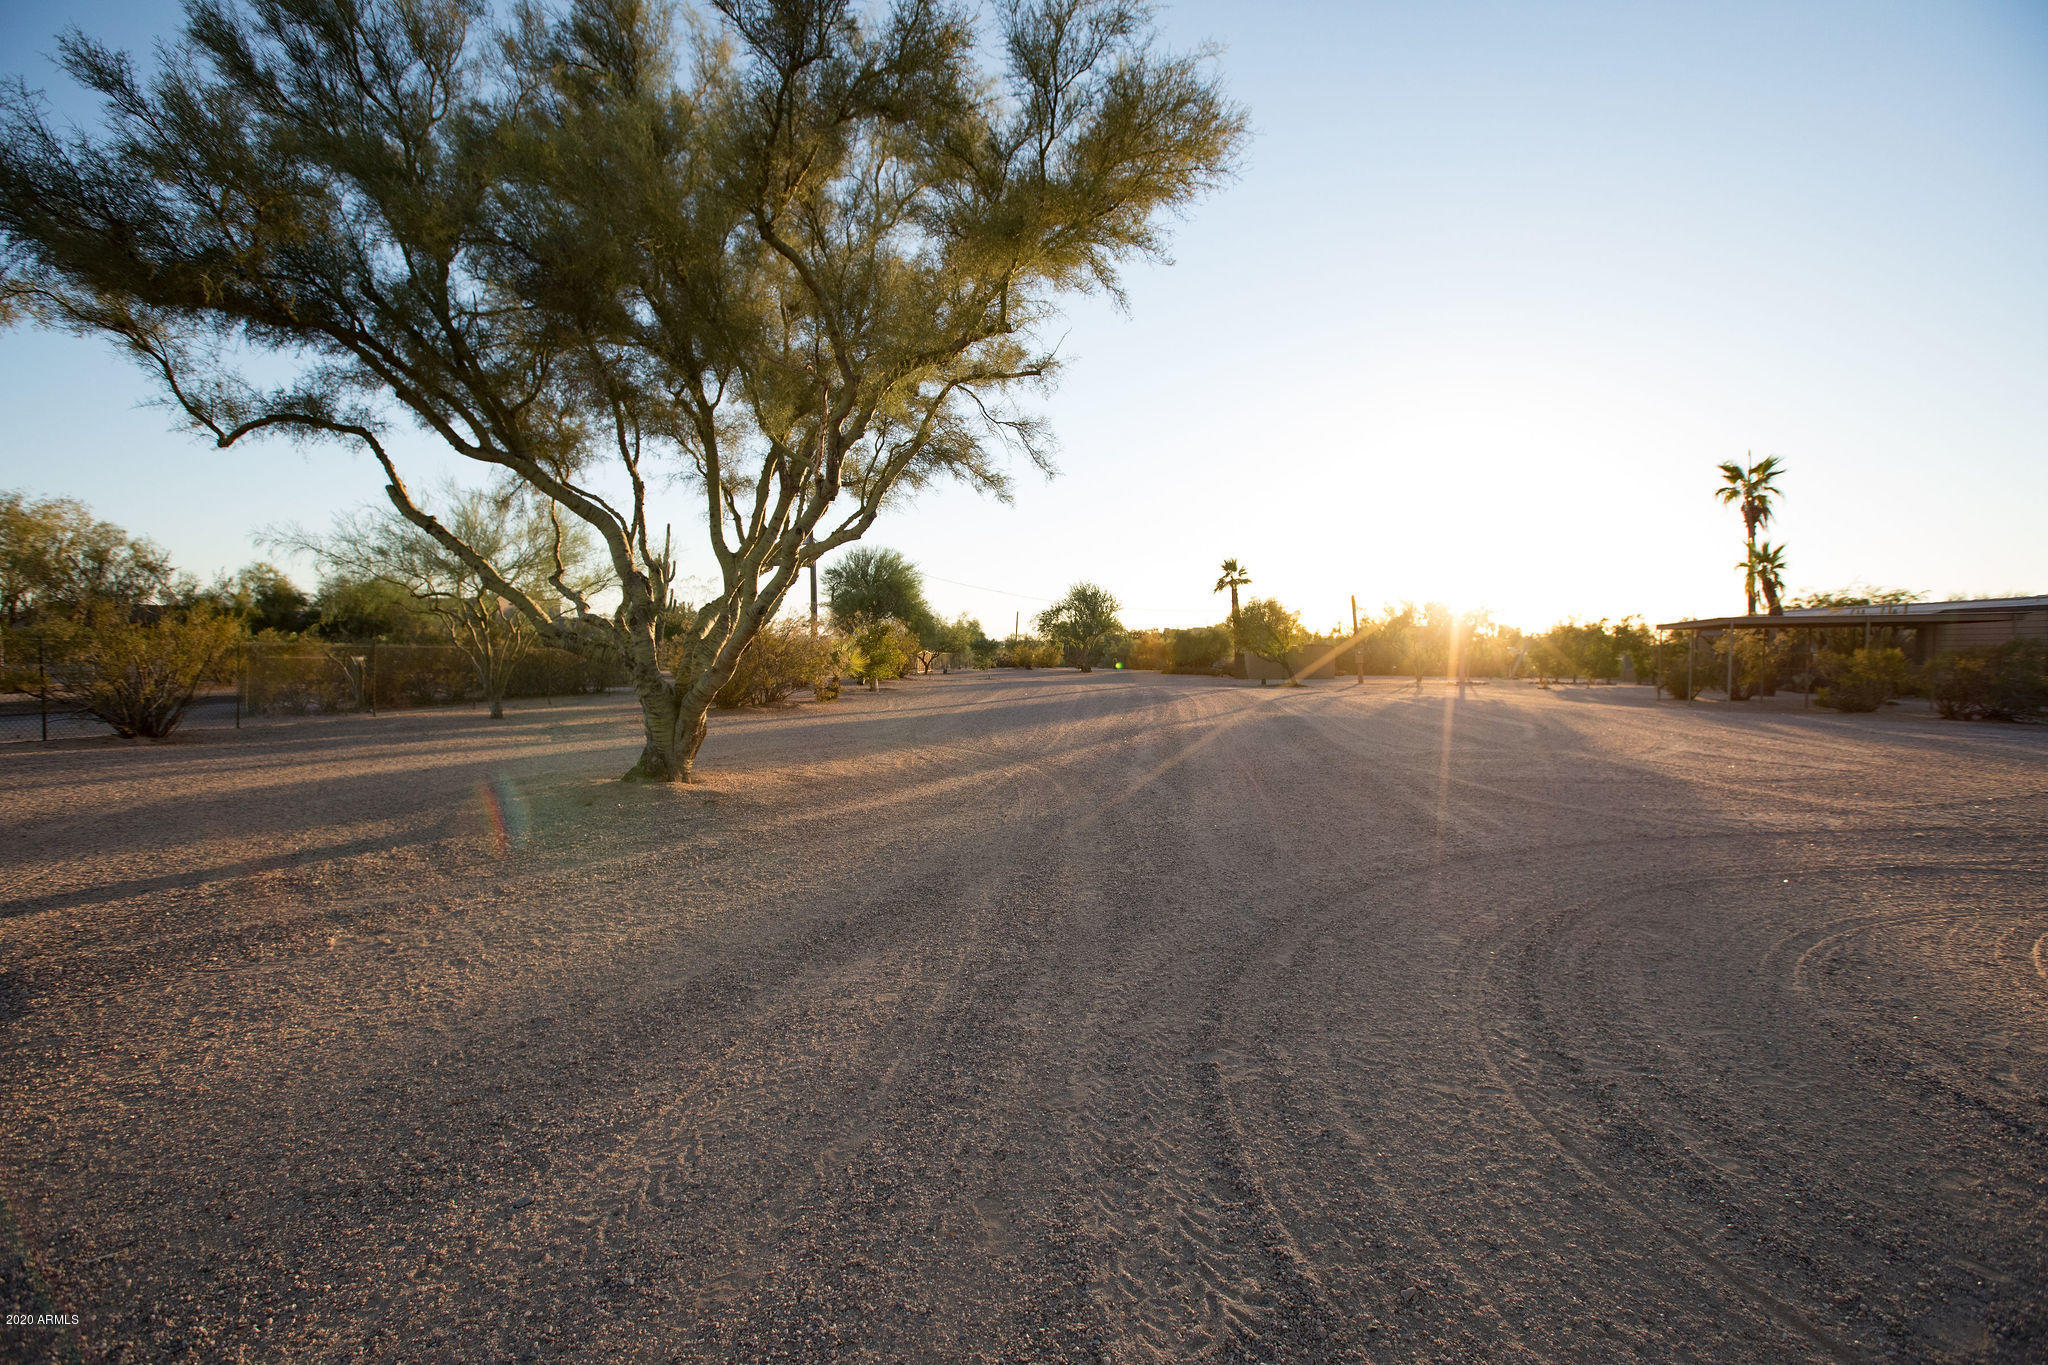 4224 PINNACLE VISTA Drive, Cave Creek, Arizona 85331, 3 Bedrooms Bedrooms, ,2 BathroomsBathrooms,Residential,For Sale,PINNACLE VISTA,6128557